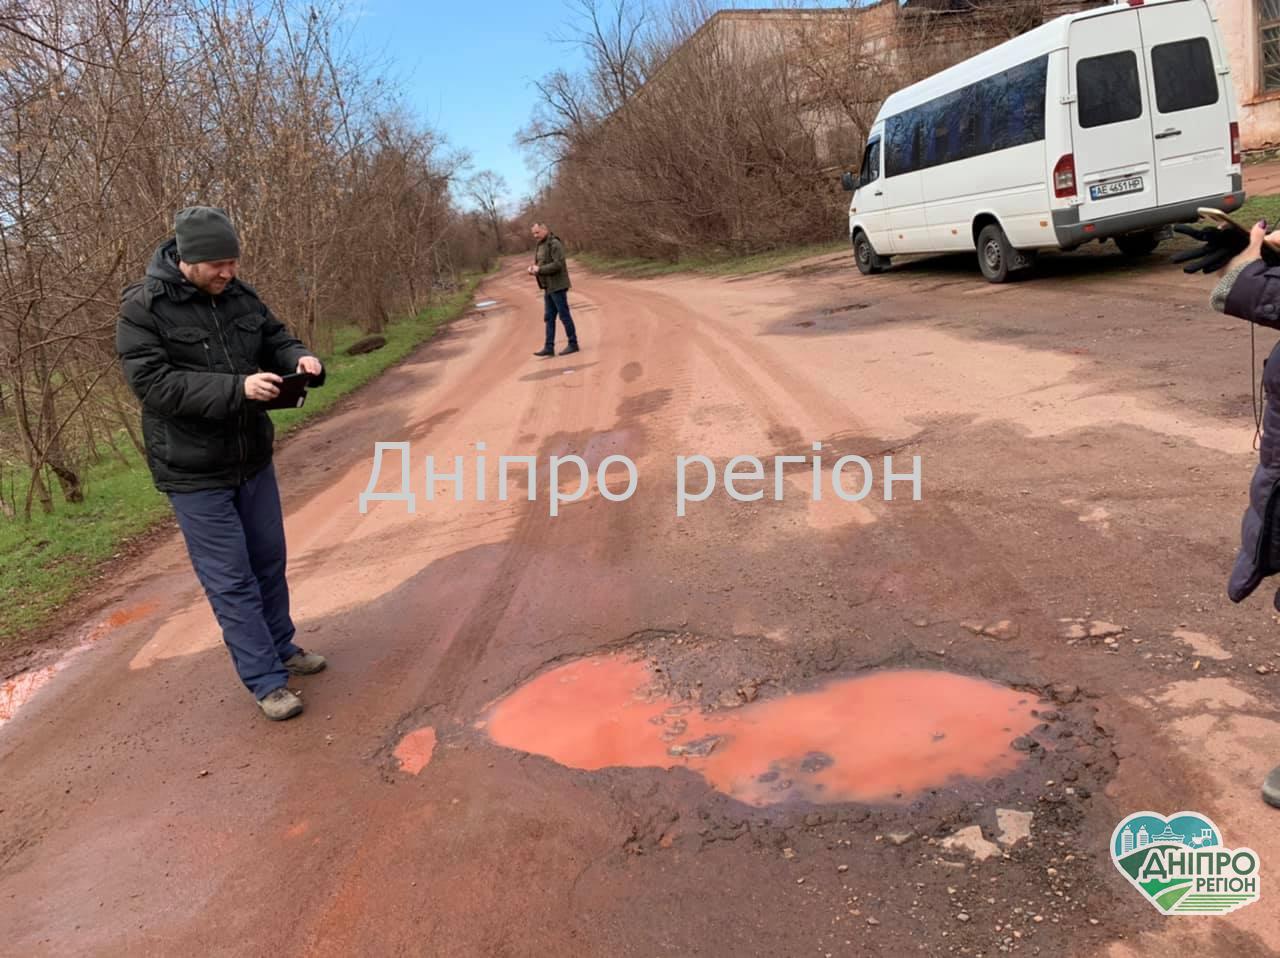 Іржавий дощ і дорога залита морковним соком: на Дніпропетровщині побачили дивне явище (Фото)